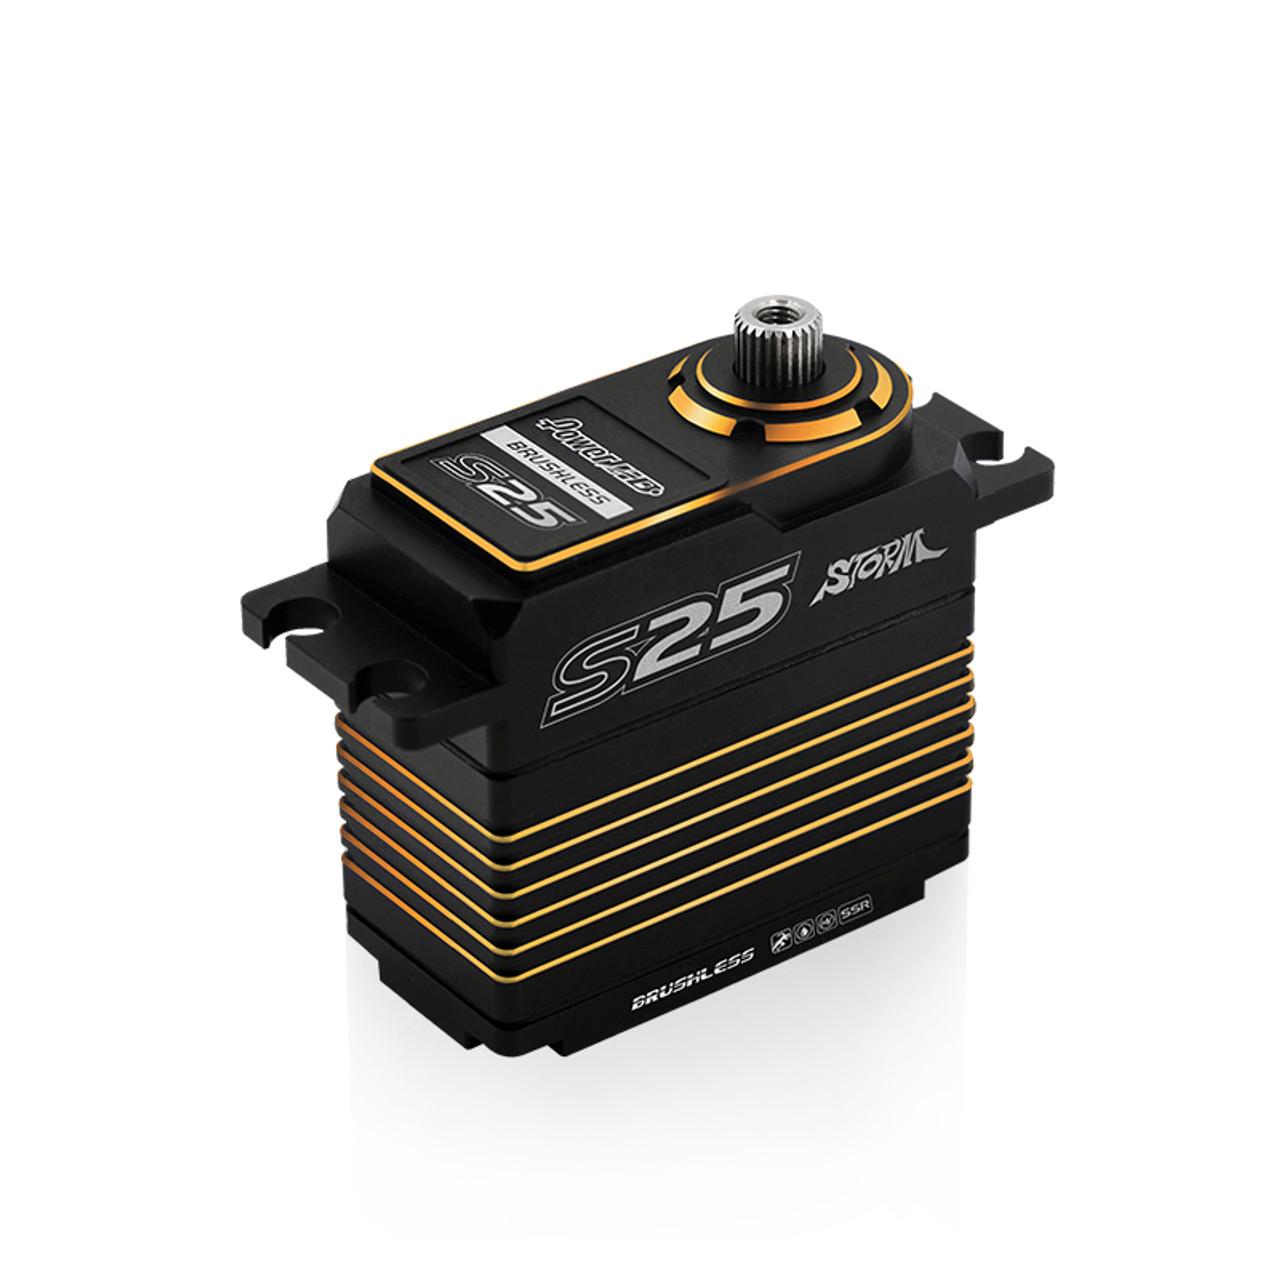 Power HD S25 Gold (0.06s/25.0kg/7.4V) Brushless Servo